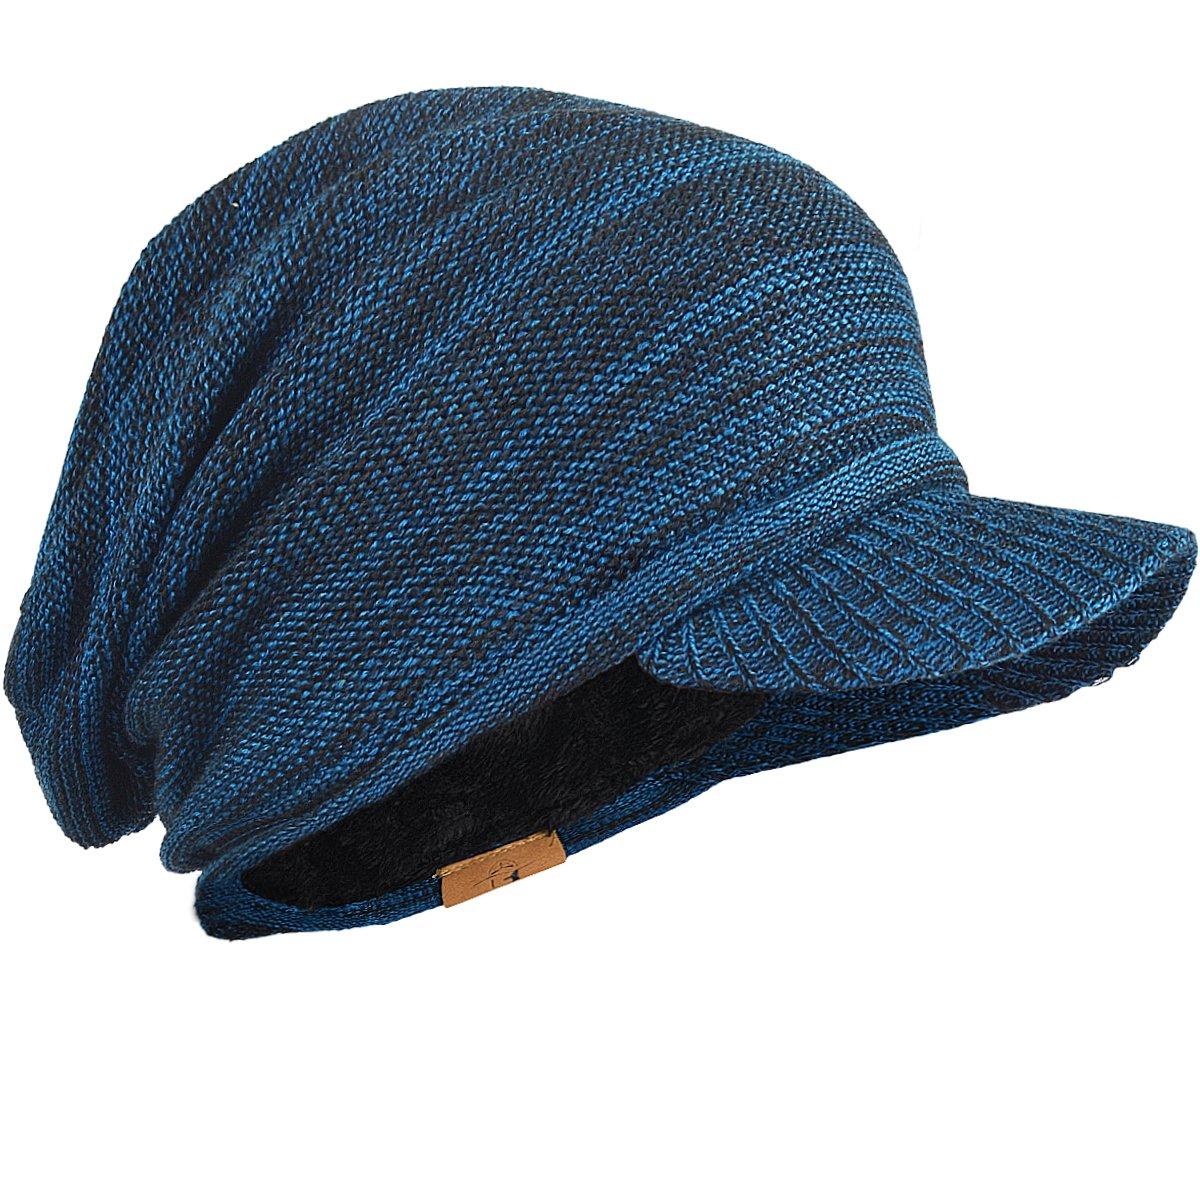 FORBUSITE Men Slouchy Winter Knit Visor Beanie Cap B319 B320-C1-BK